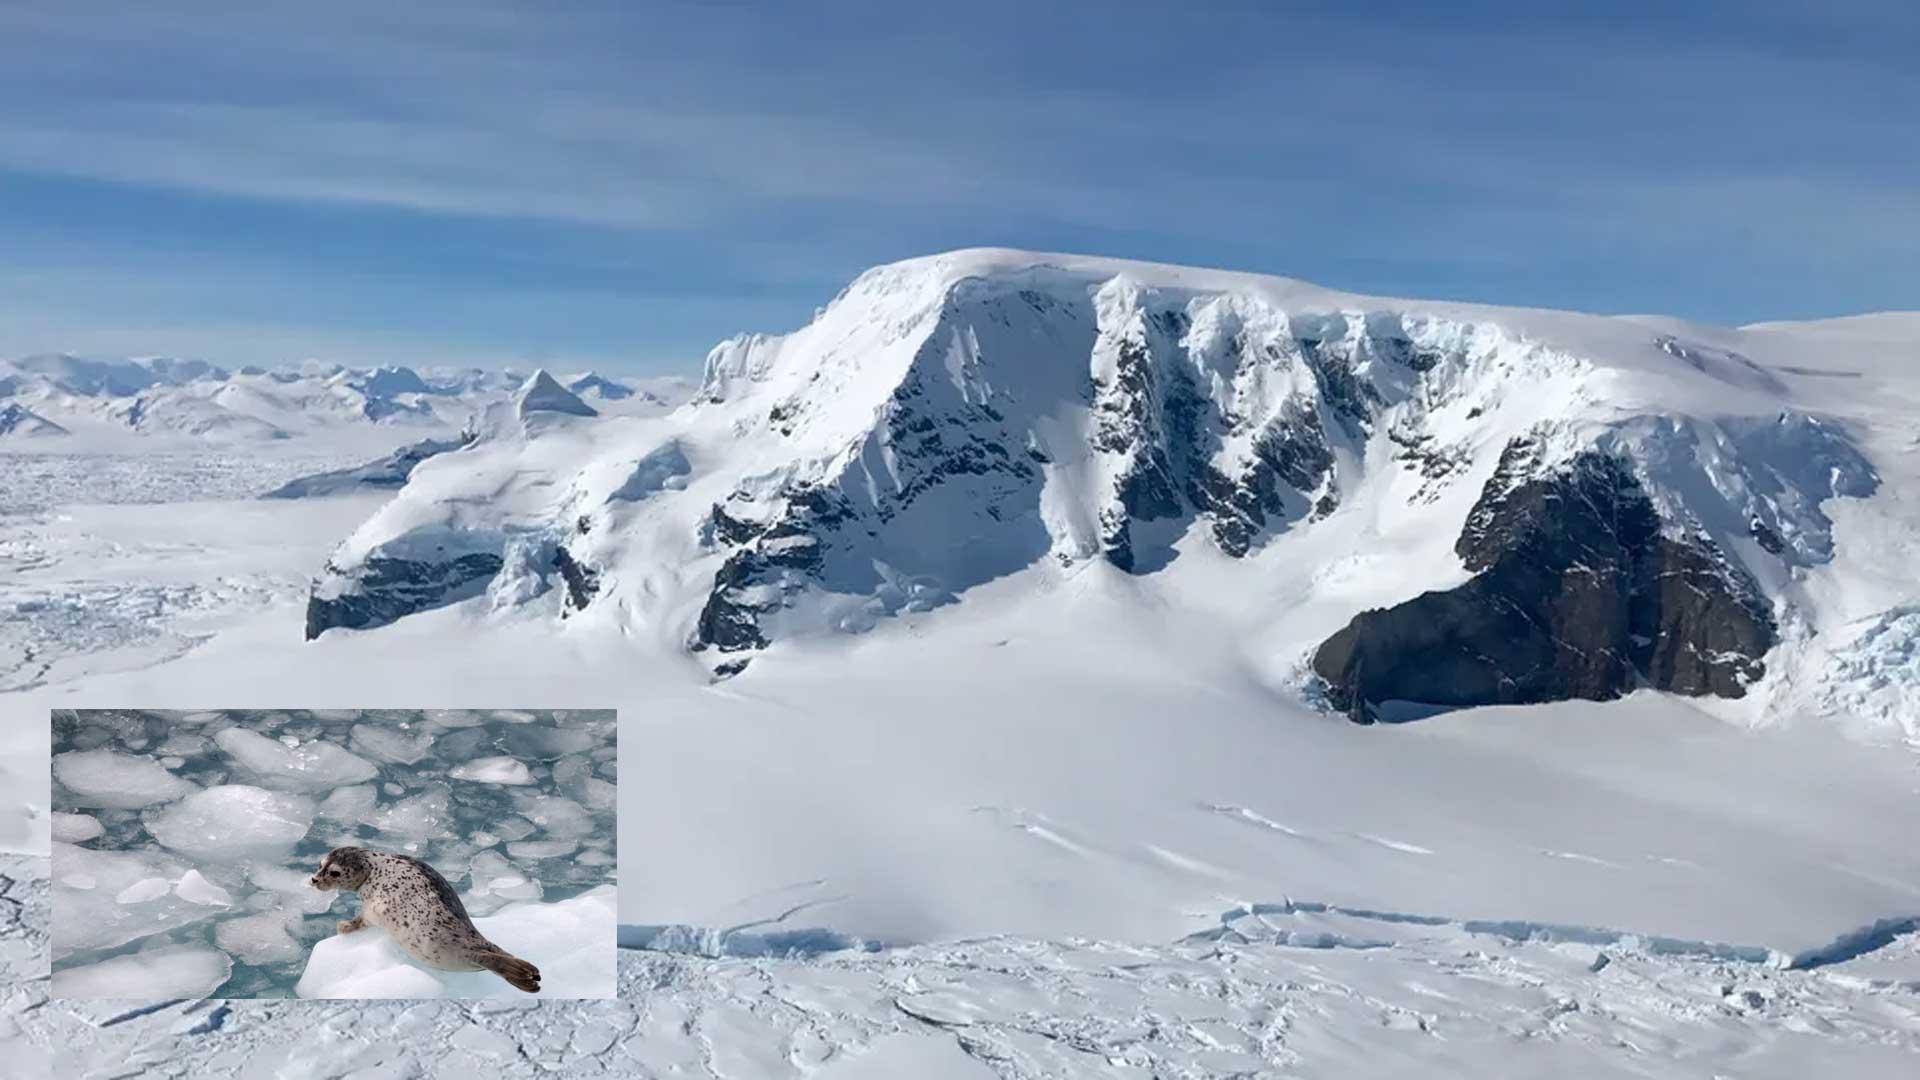 Calentamiento súbito de la Antártida: Estos son los datos